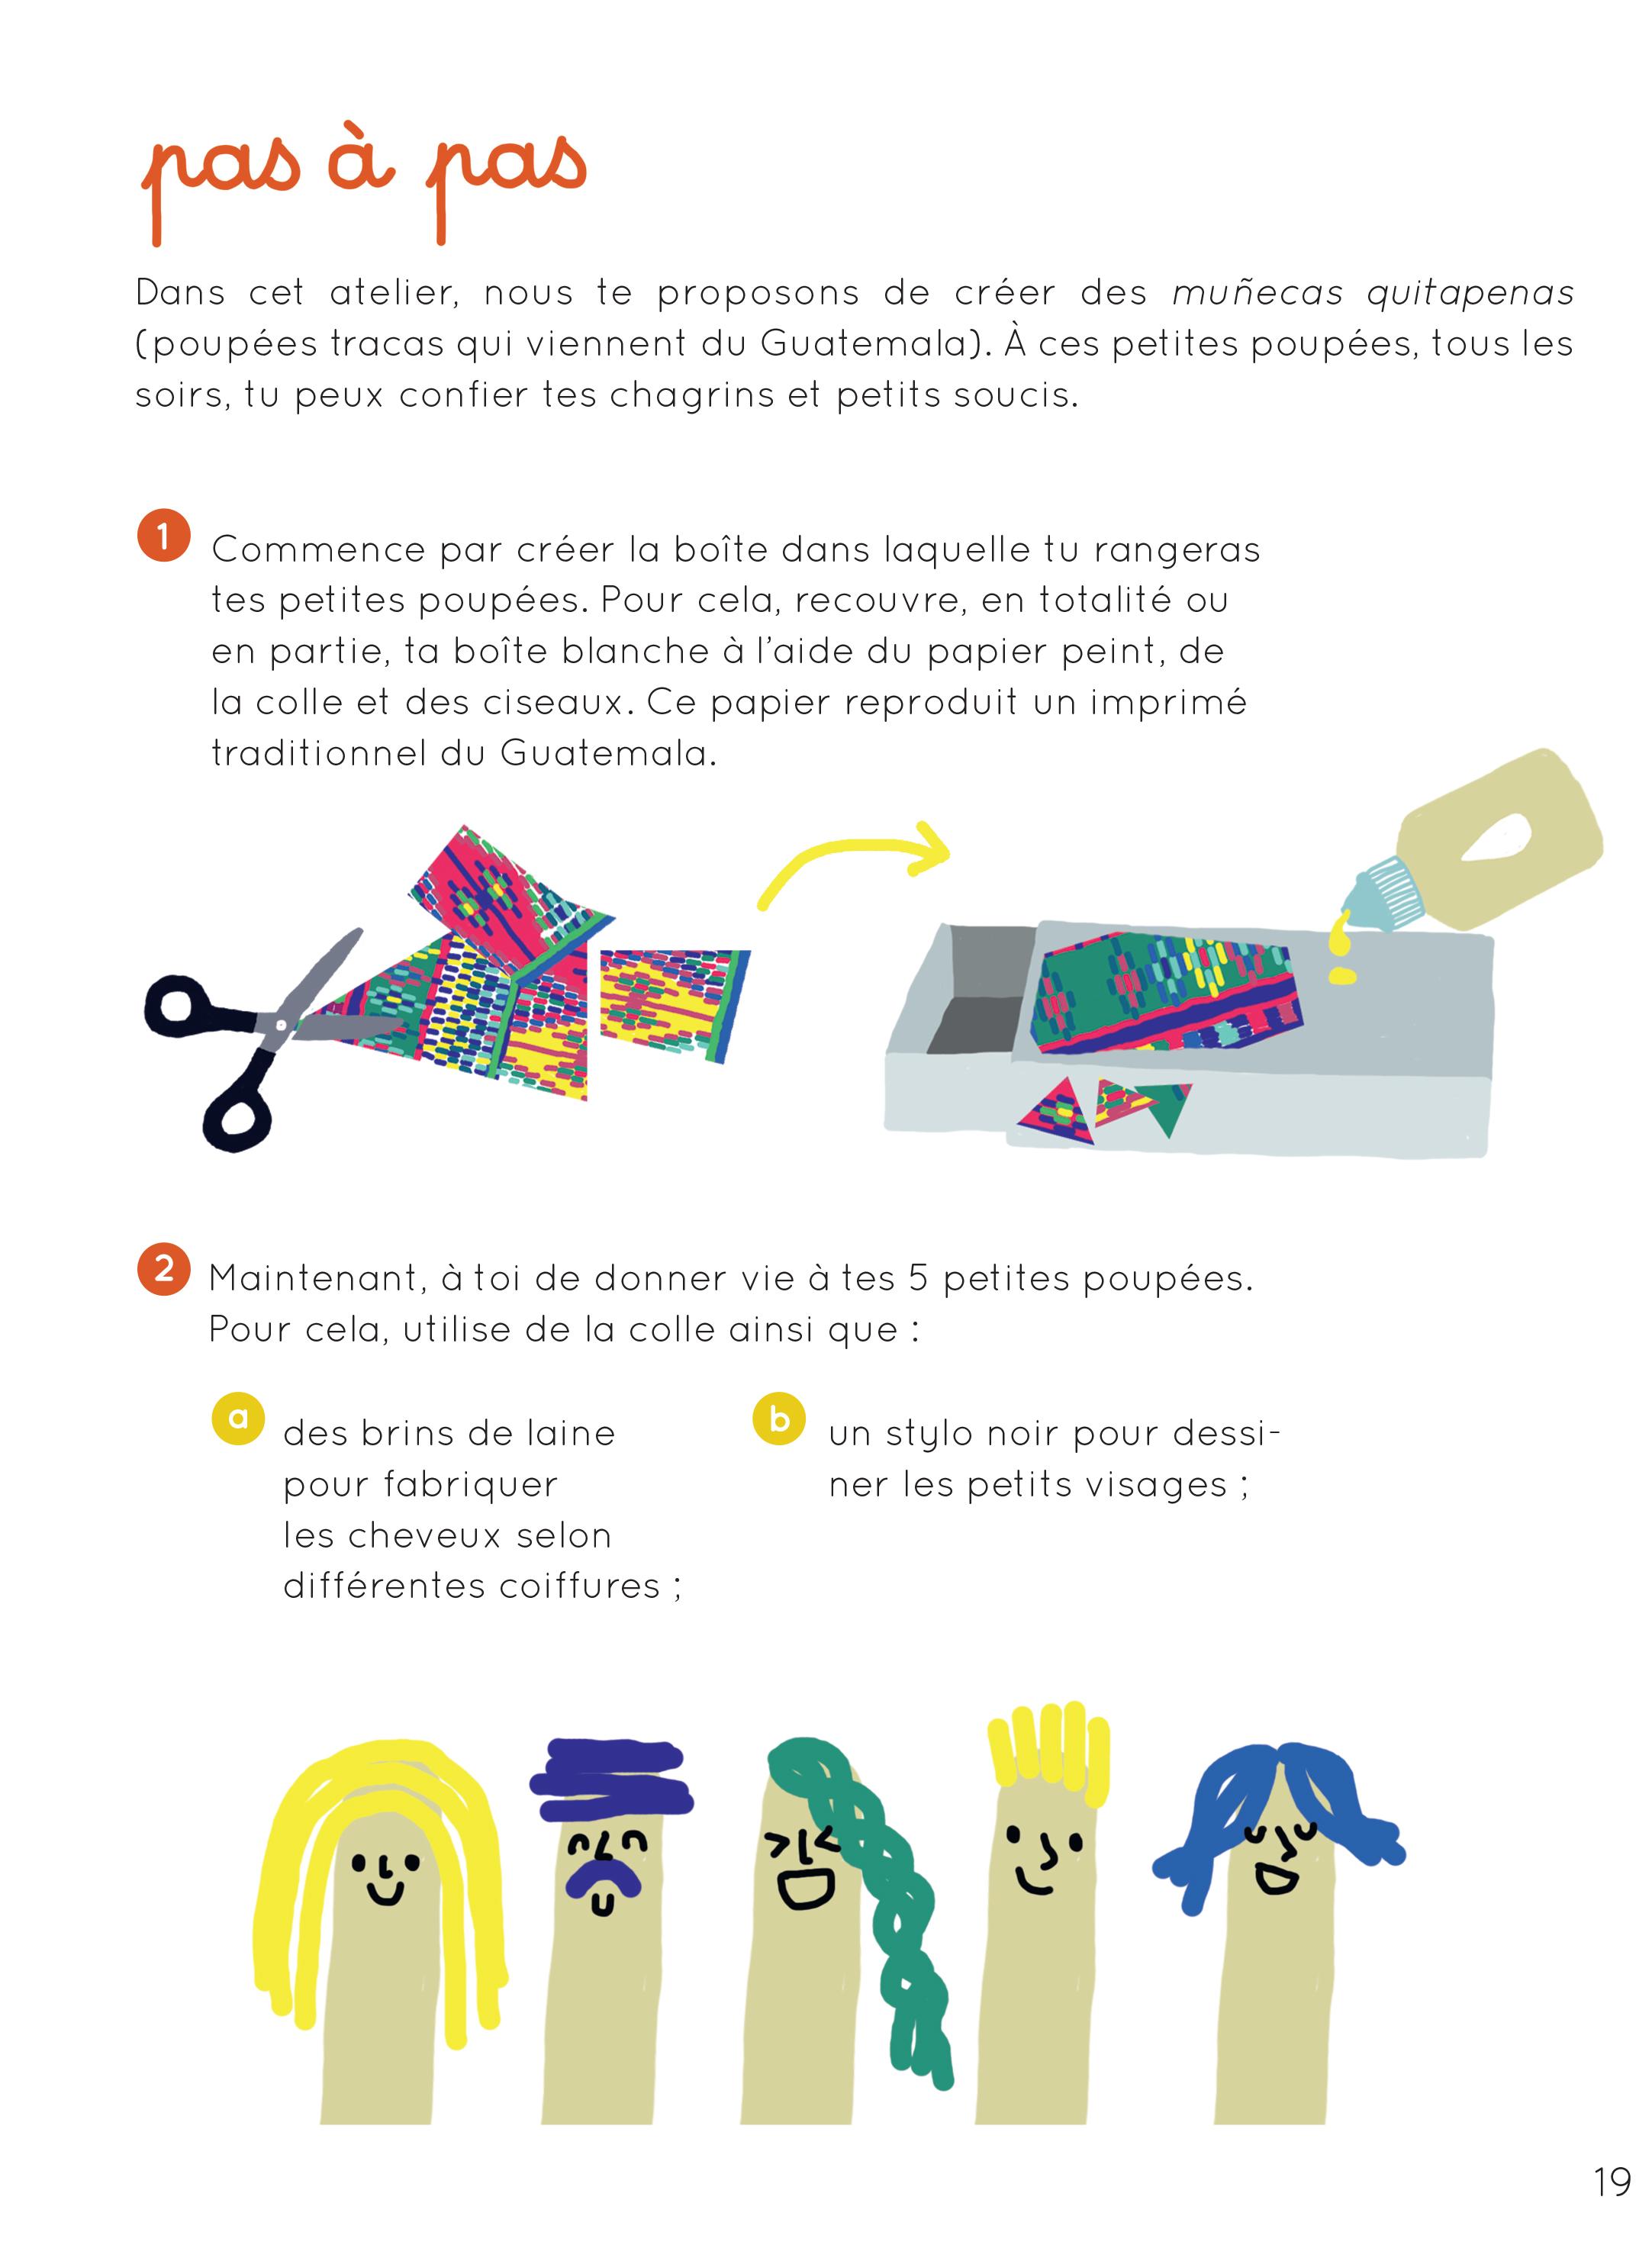 Fabriquer des pourpées anti-tracas pas-à-pas ©créer Jouer Rêver/Glénat Jeunesse 2016